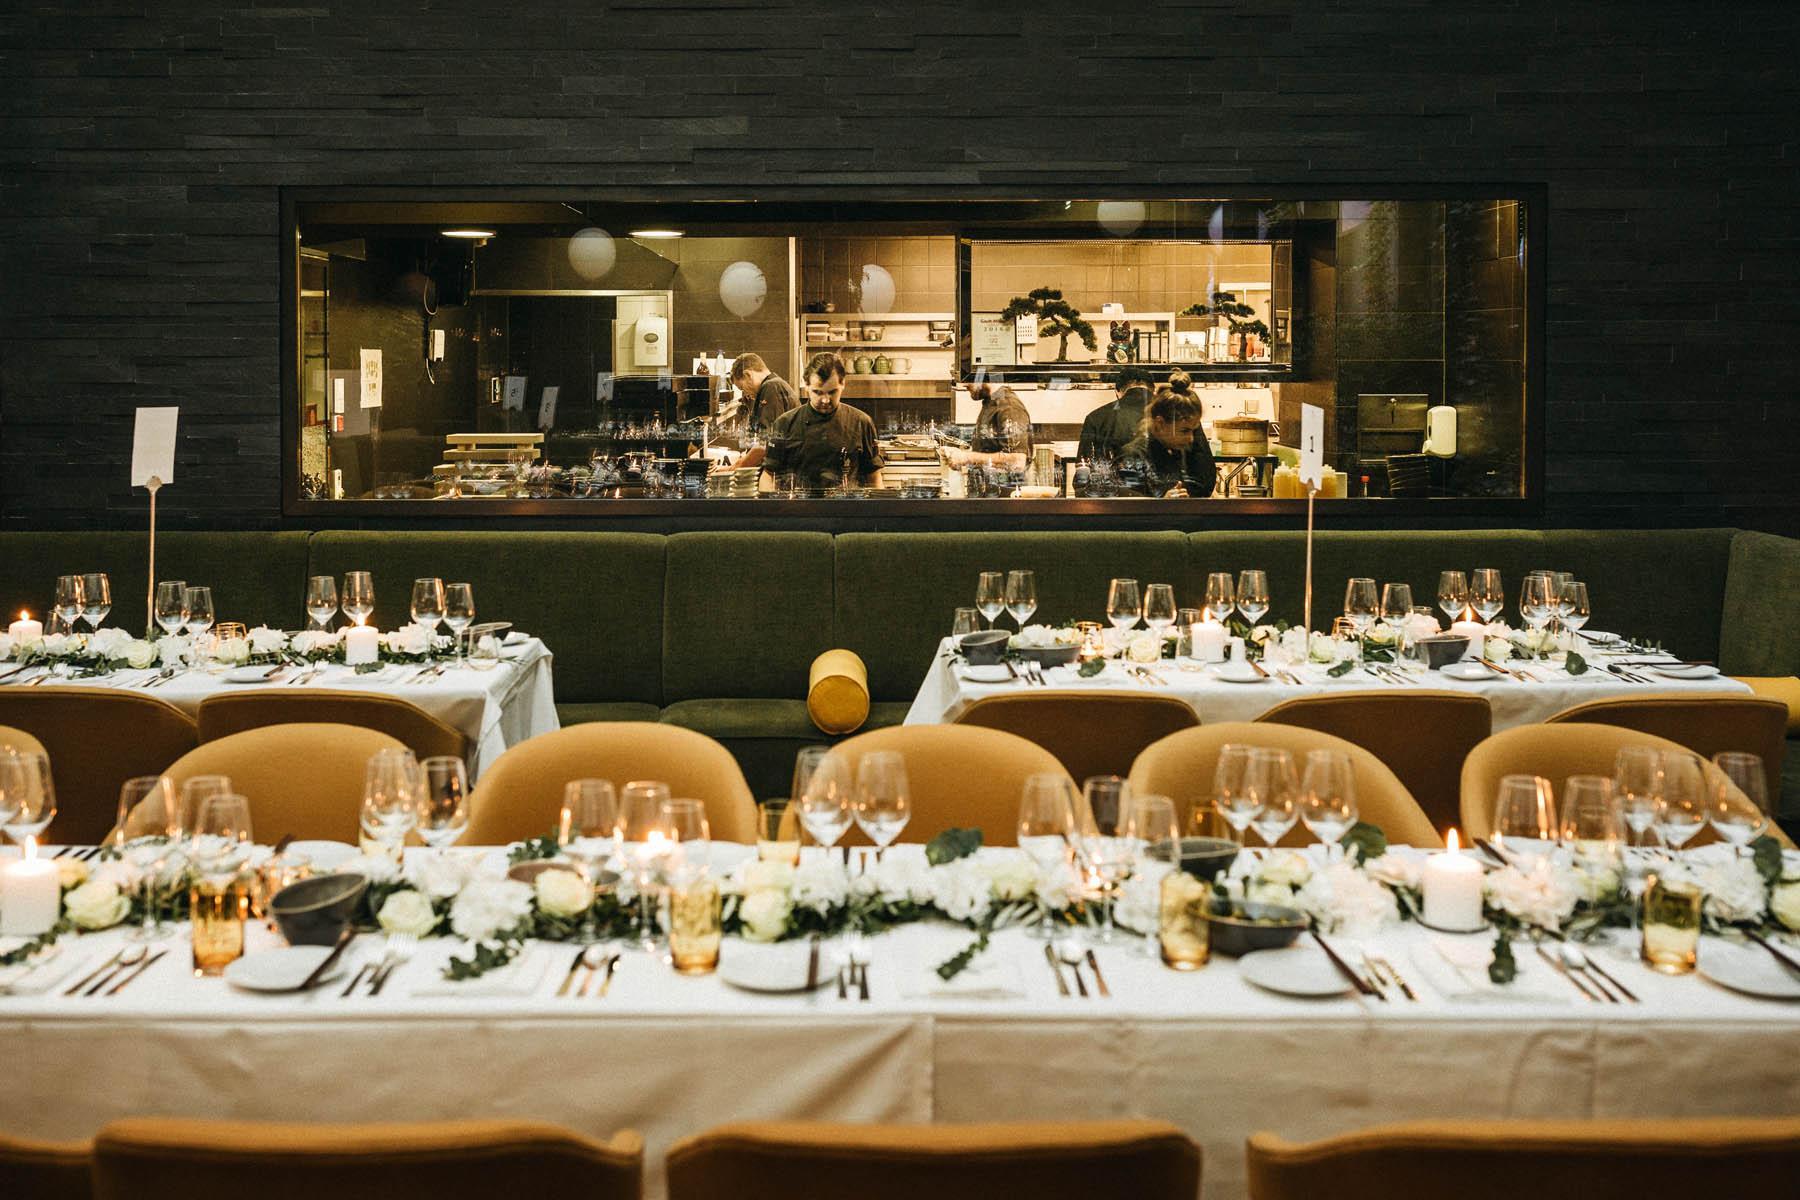 Hochzeitslocation im Restaurant Sra Bua von Tim Raue in Berlin - Raissa + Simon Fotografie